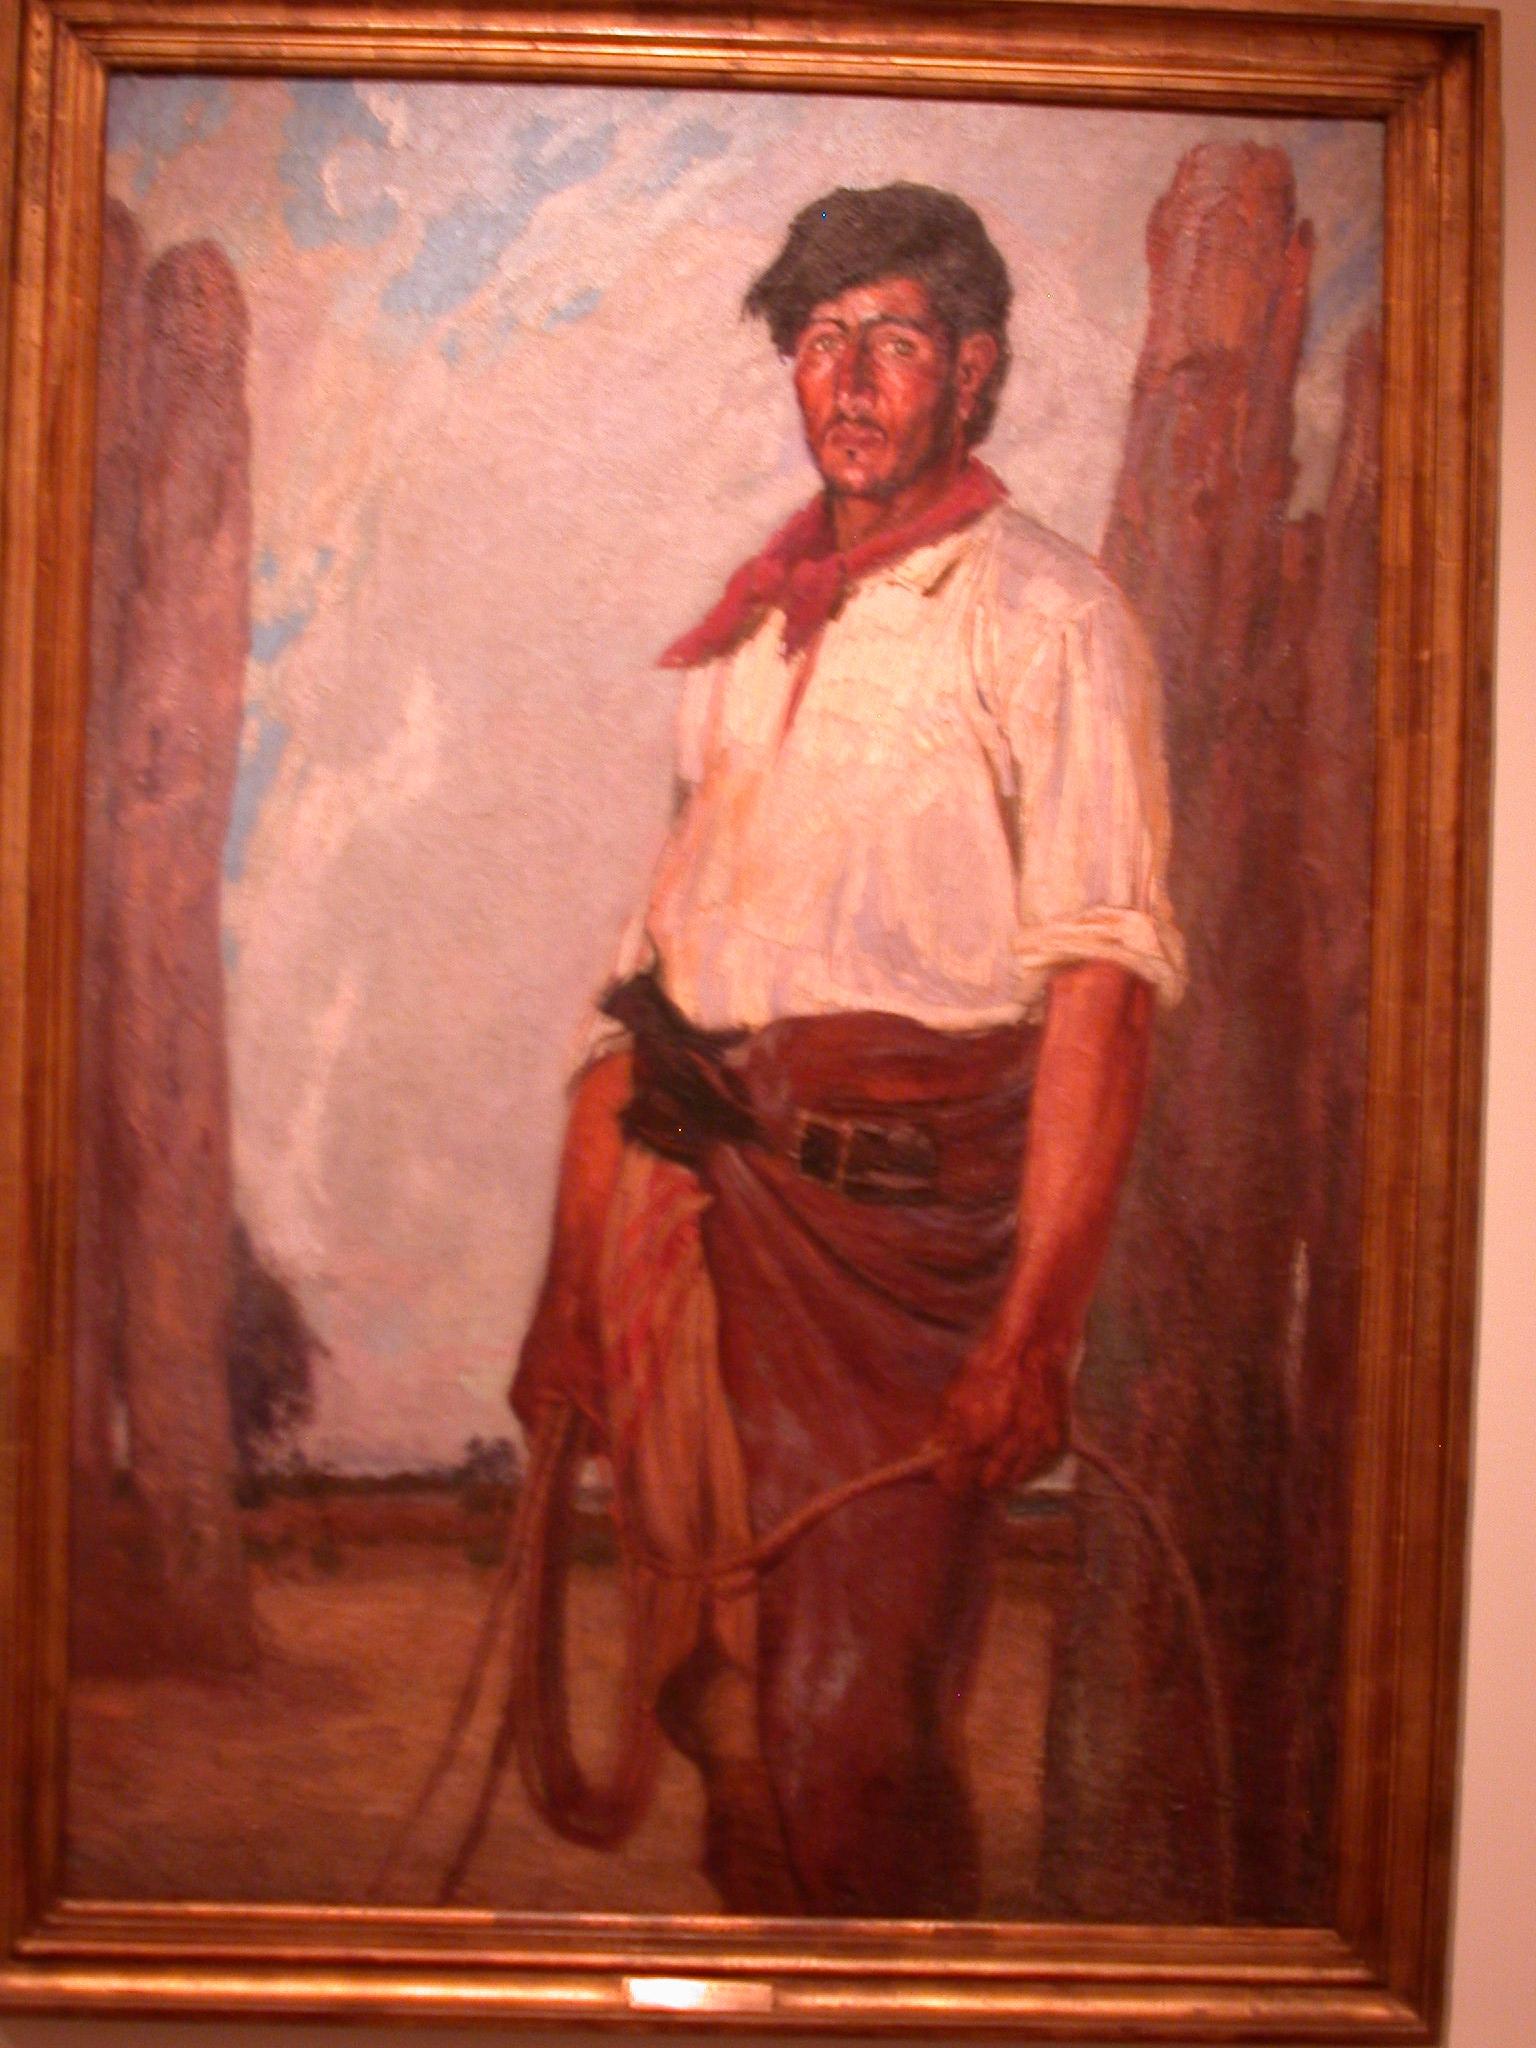 El Pialador, Cowboy Series, Cesareo Bernaldo de Quiros, Museo de las Bellas Artes, Buenos Aires, Argentina